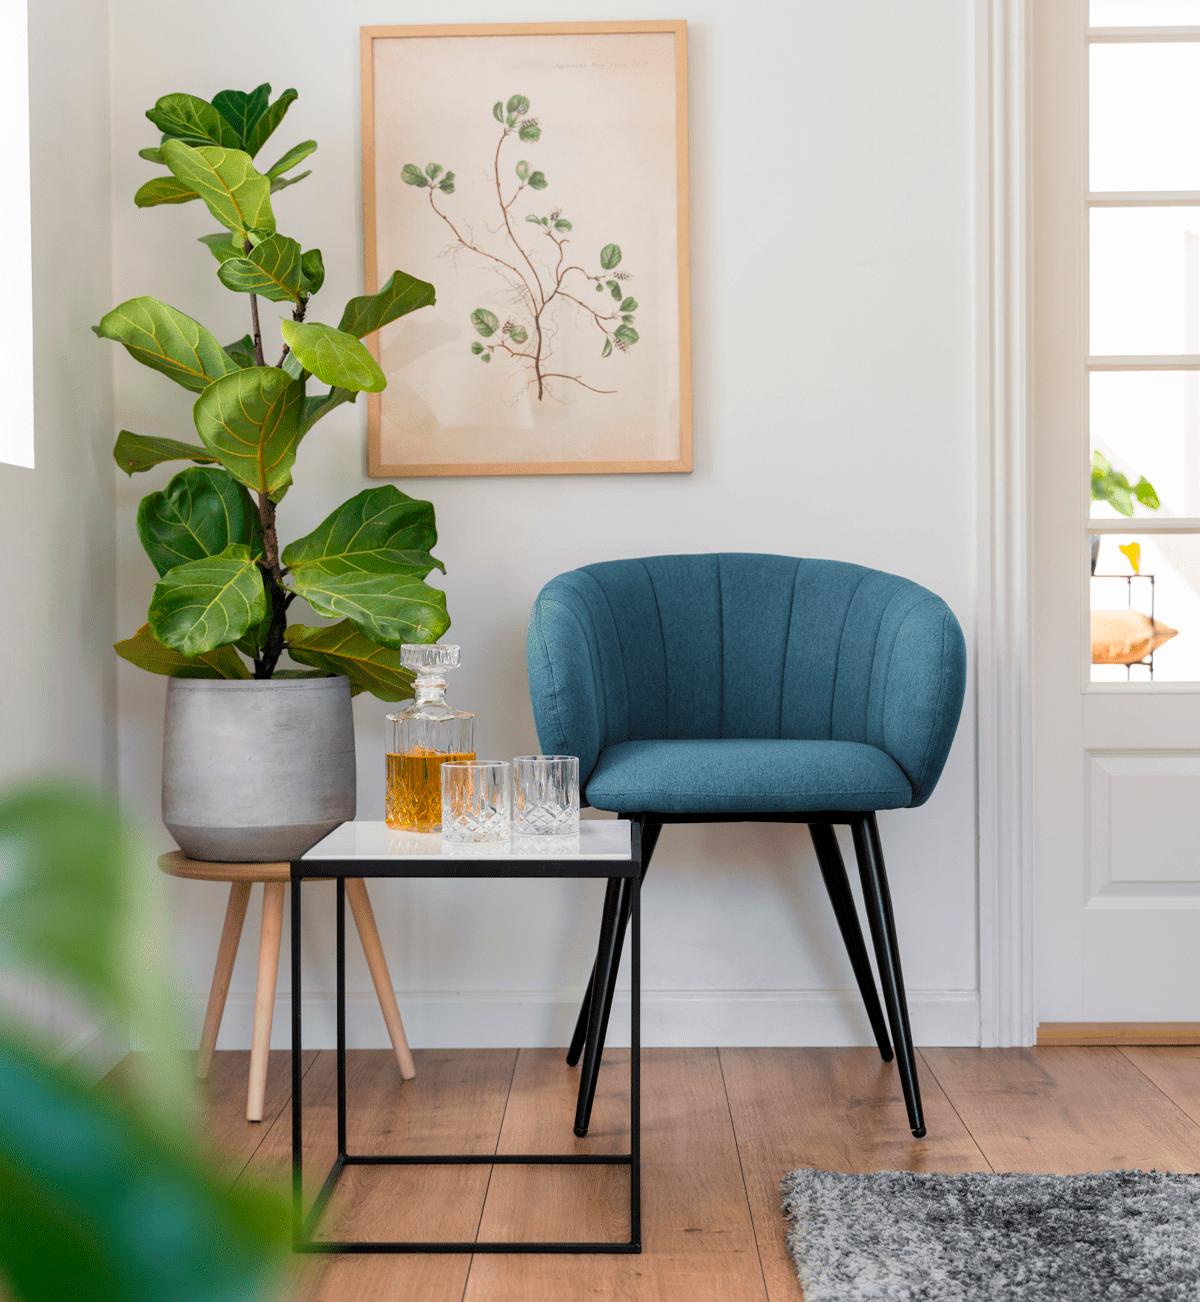 Brug små sideborde til planter